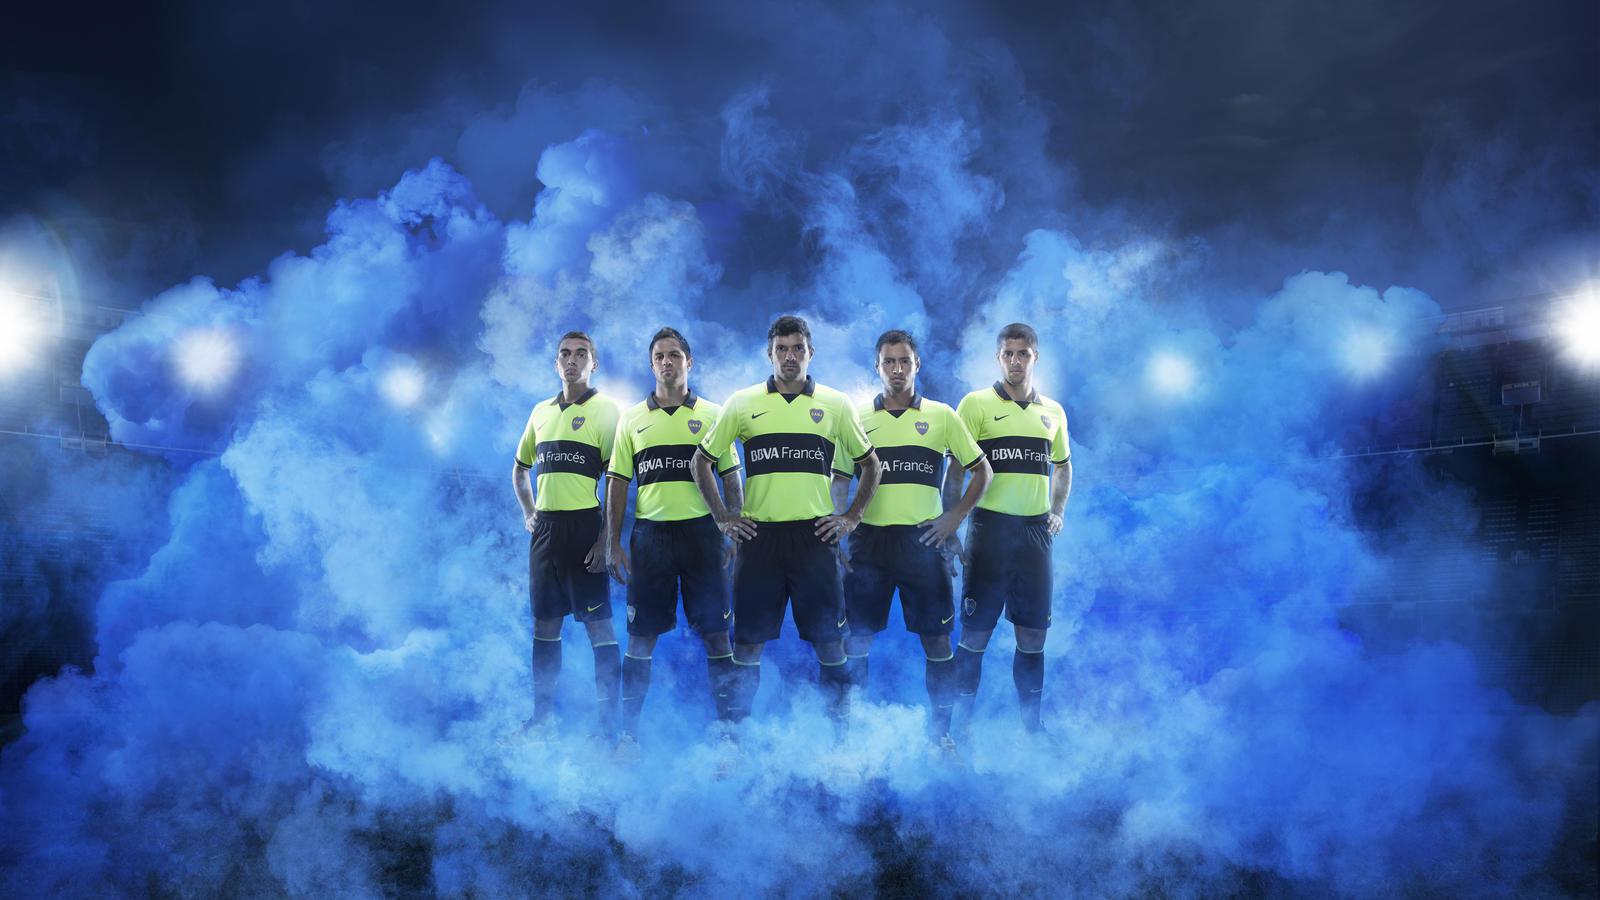 Boca Juniors Third Jersey